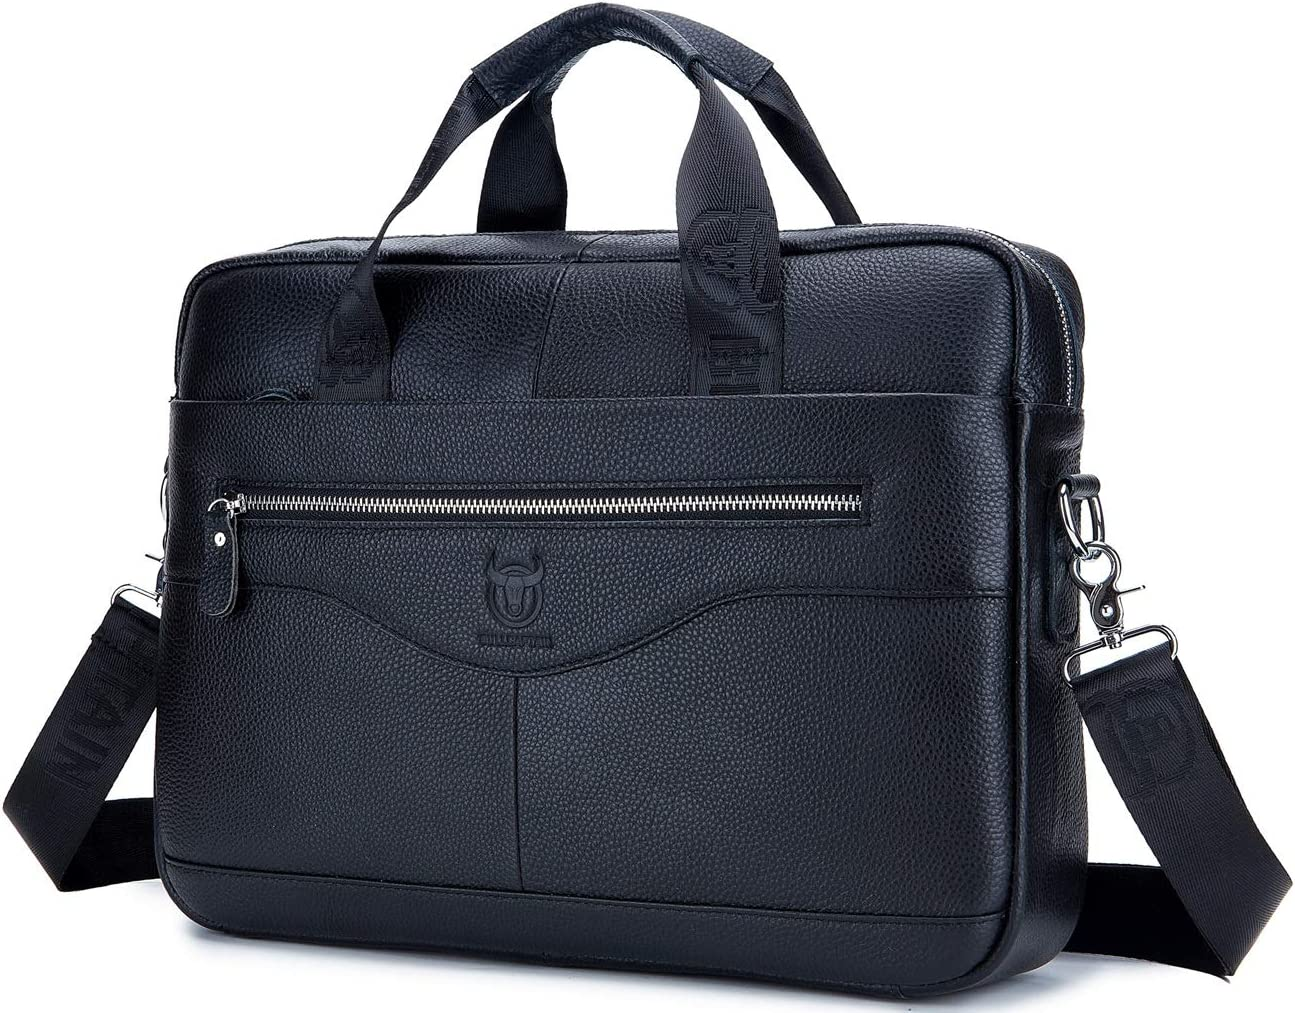 BULLCAPTAIN Men Genuine Leather Briefcase Laptop Shoulder Bag Business Handbag